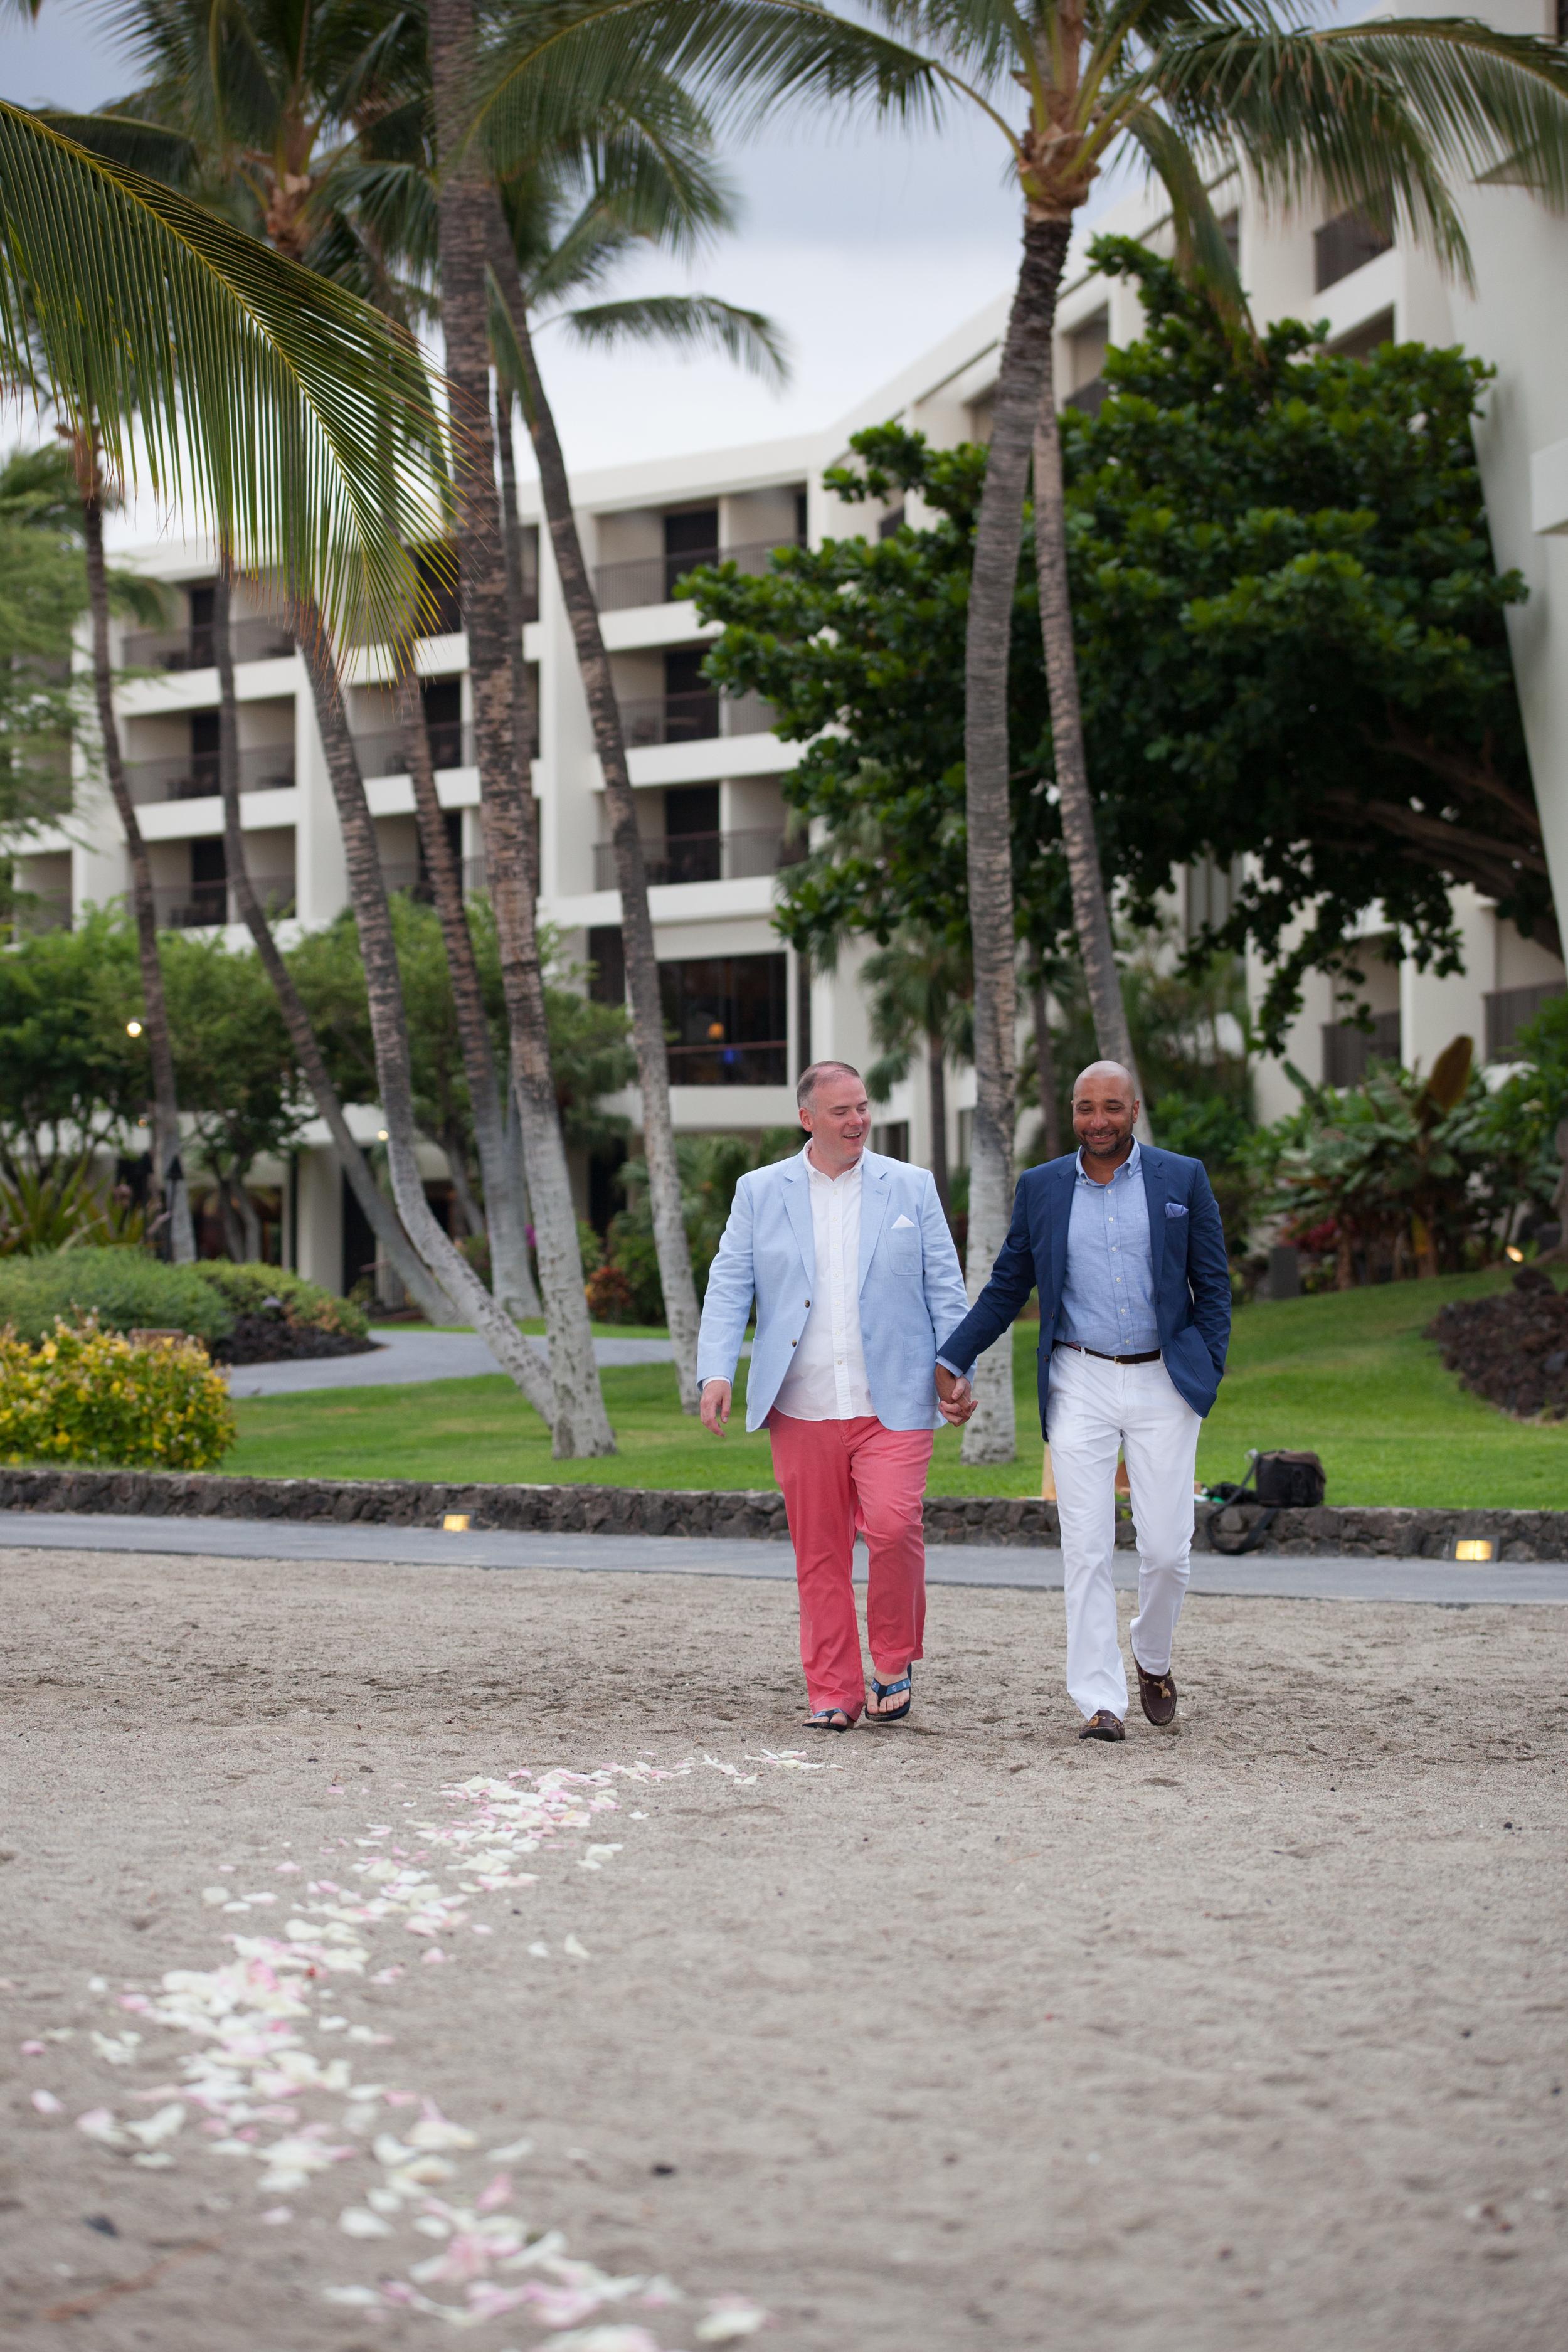 big island hawaii rmauna lani beach wedding © kelilina photography 20160601181959-3.jpg